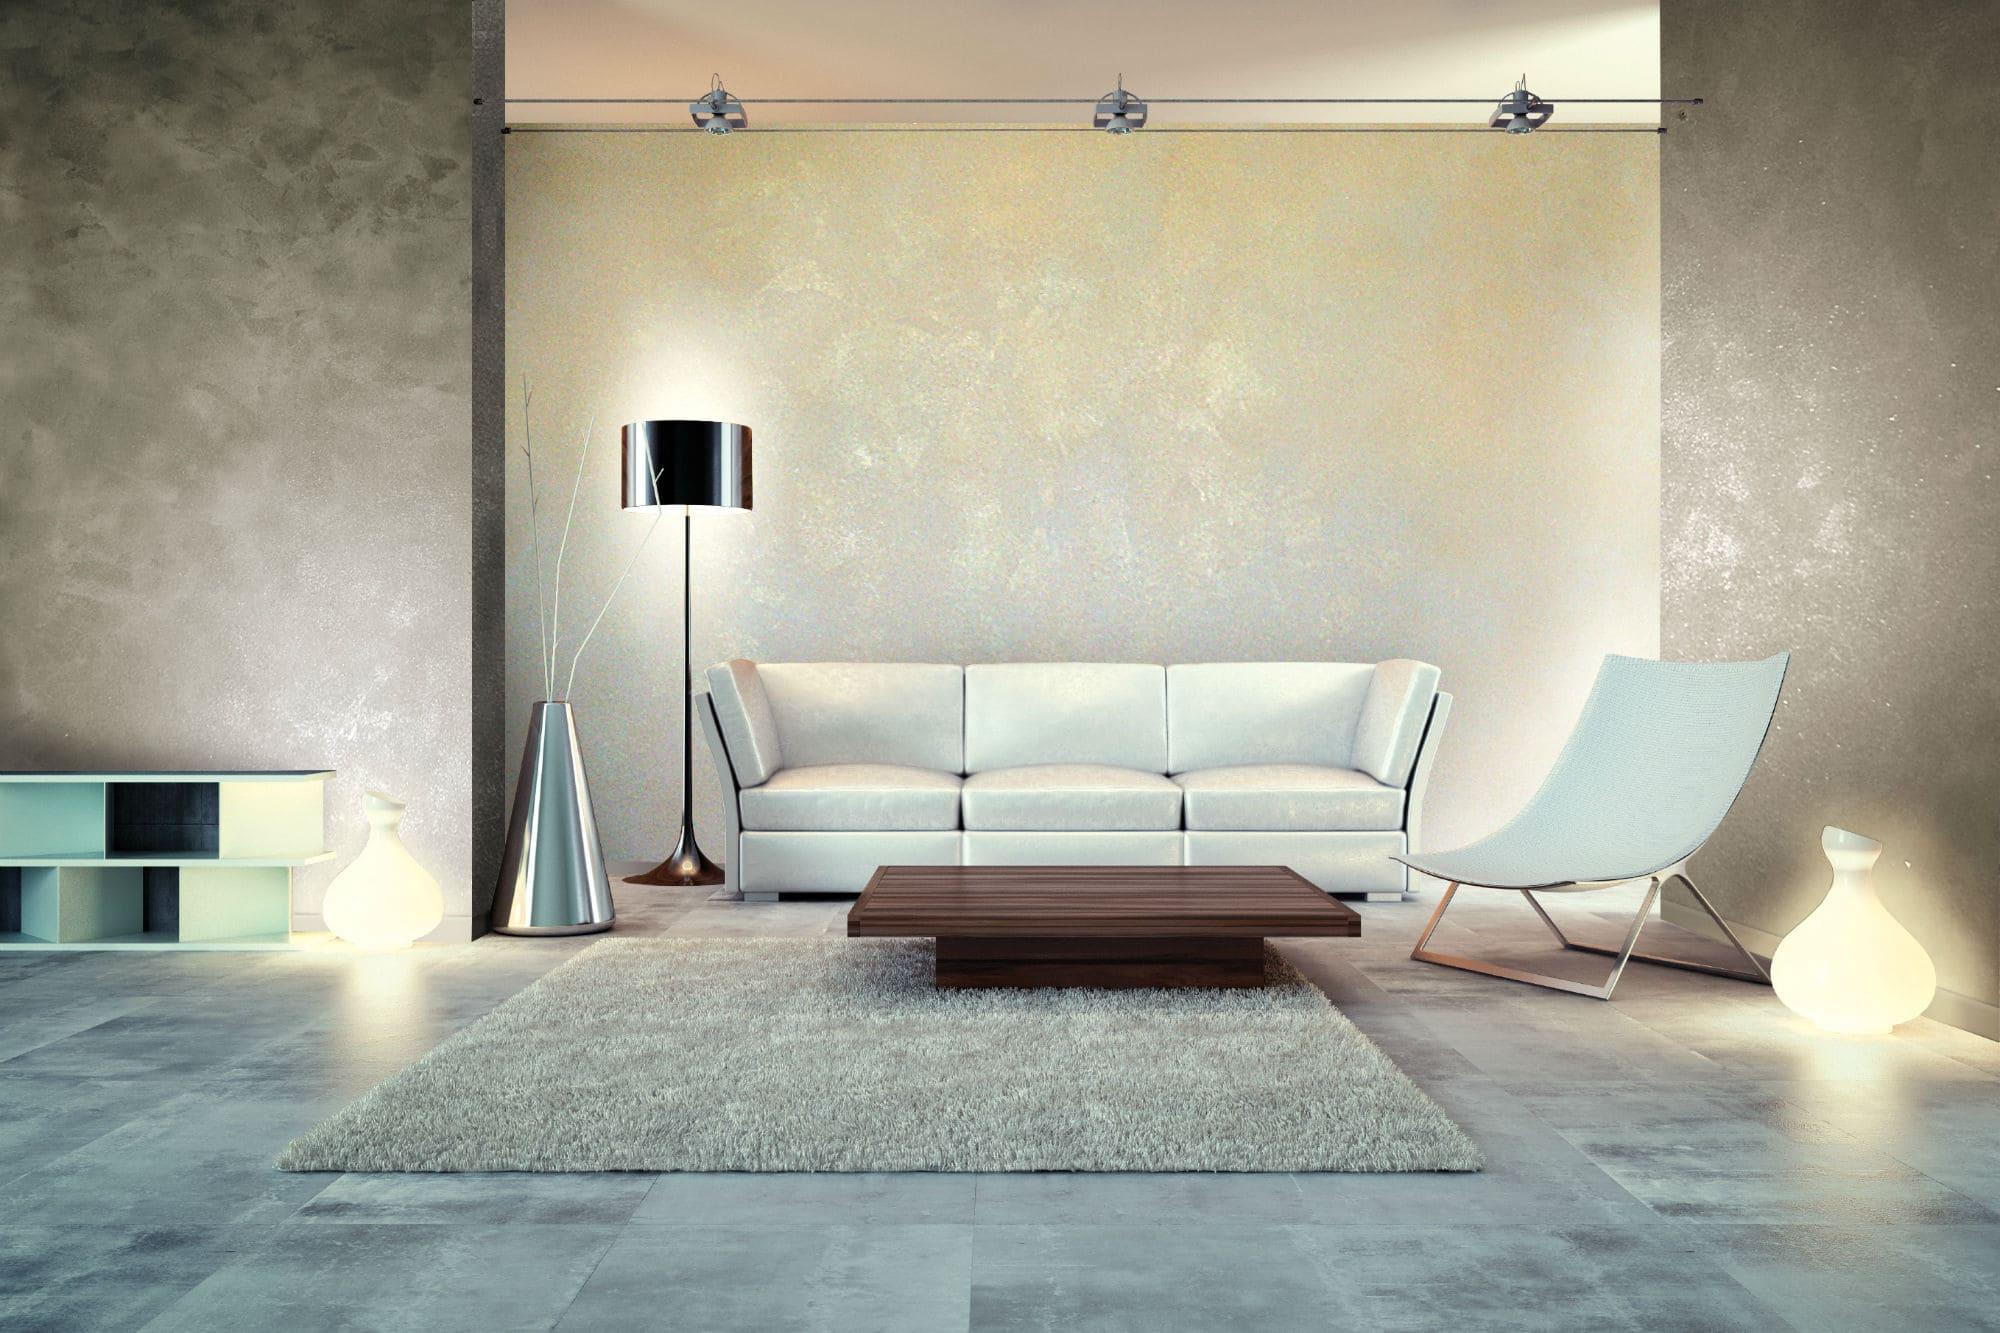 Декоративная штукатурка - лучшие красивые варианты отделки стен в интерьере 018